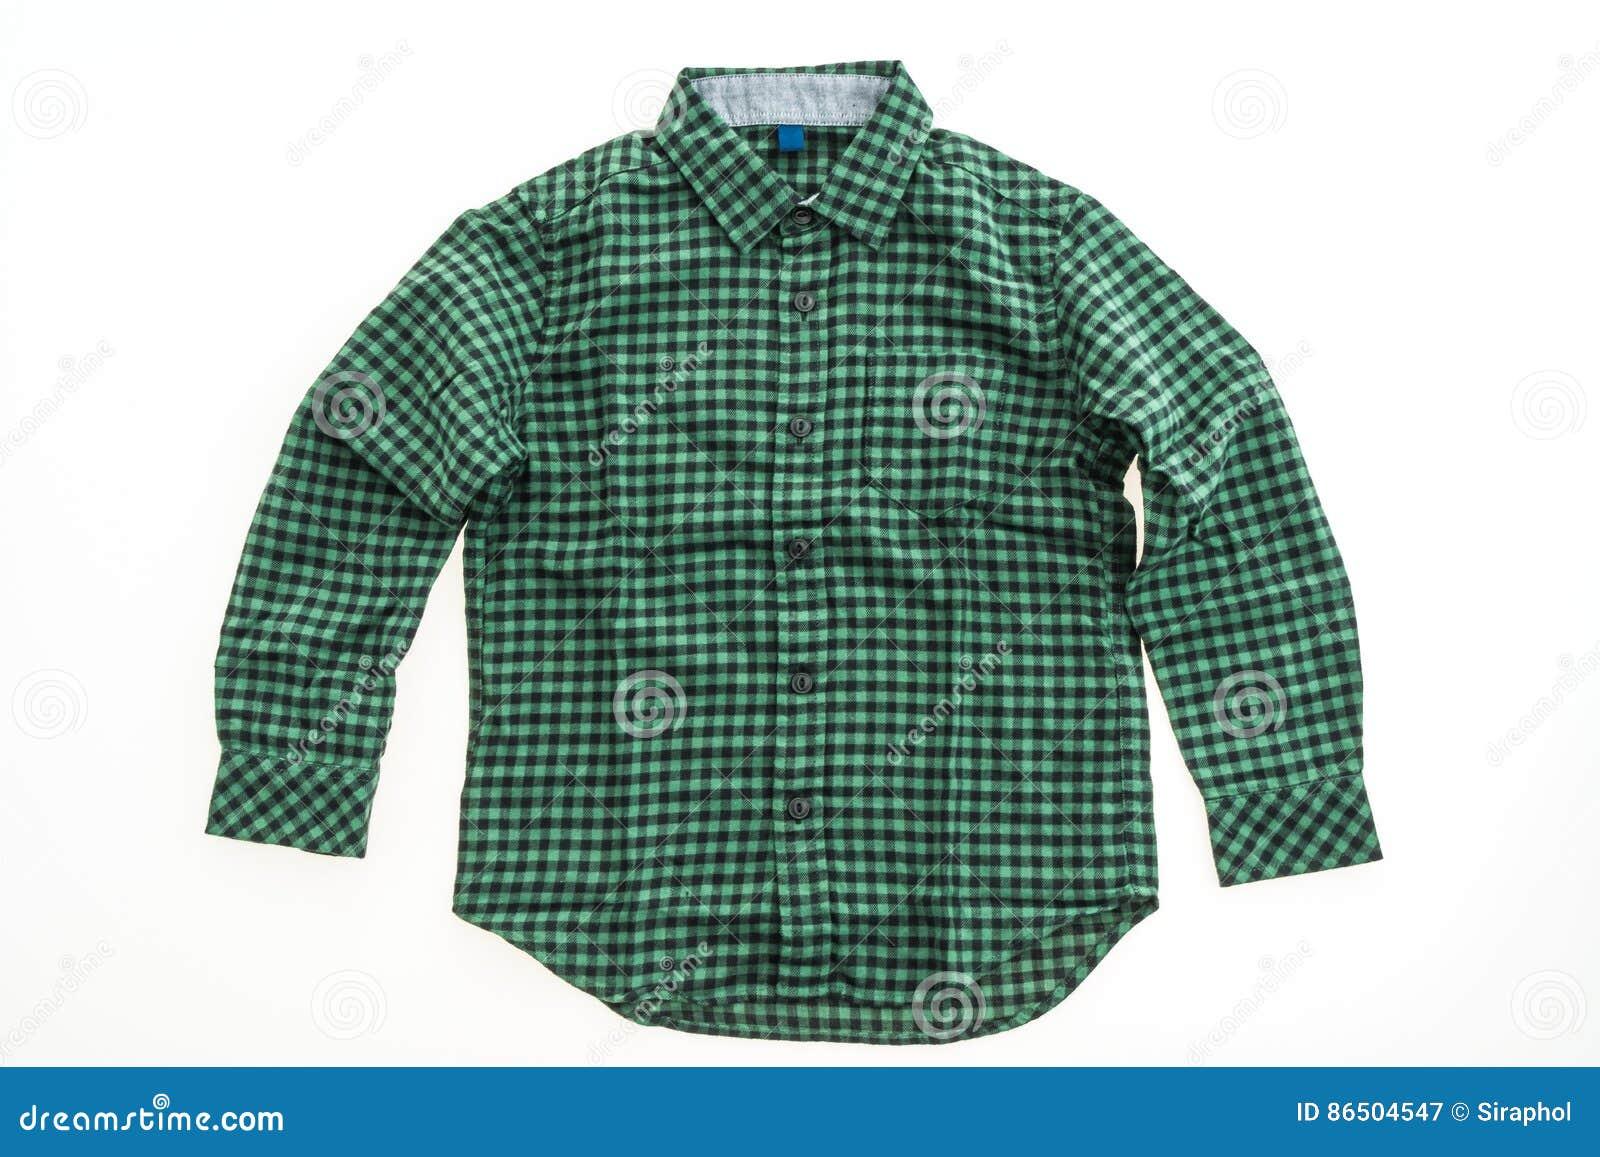 Beautiful men fashion shirt